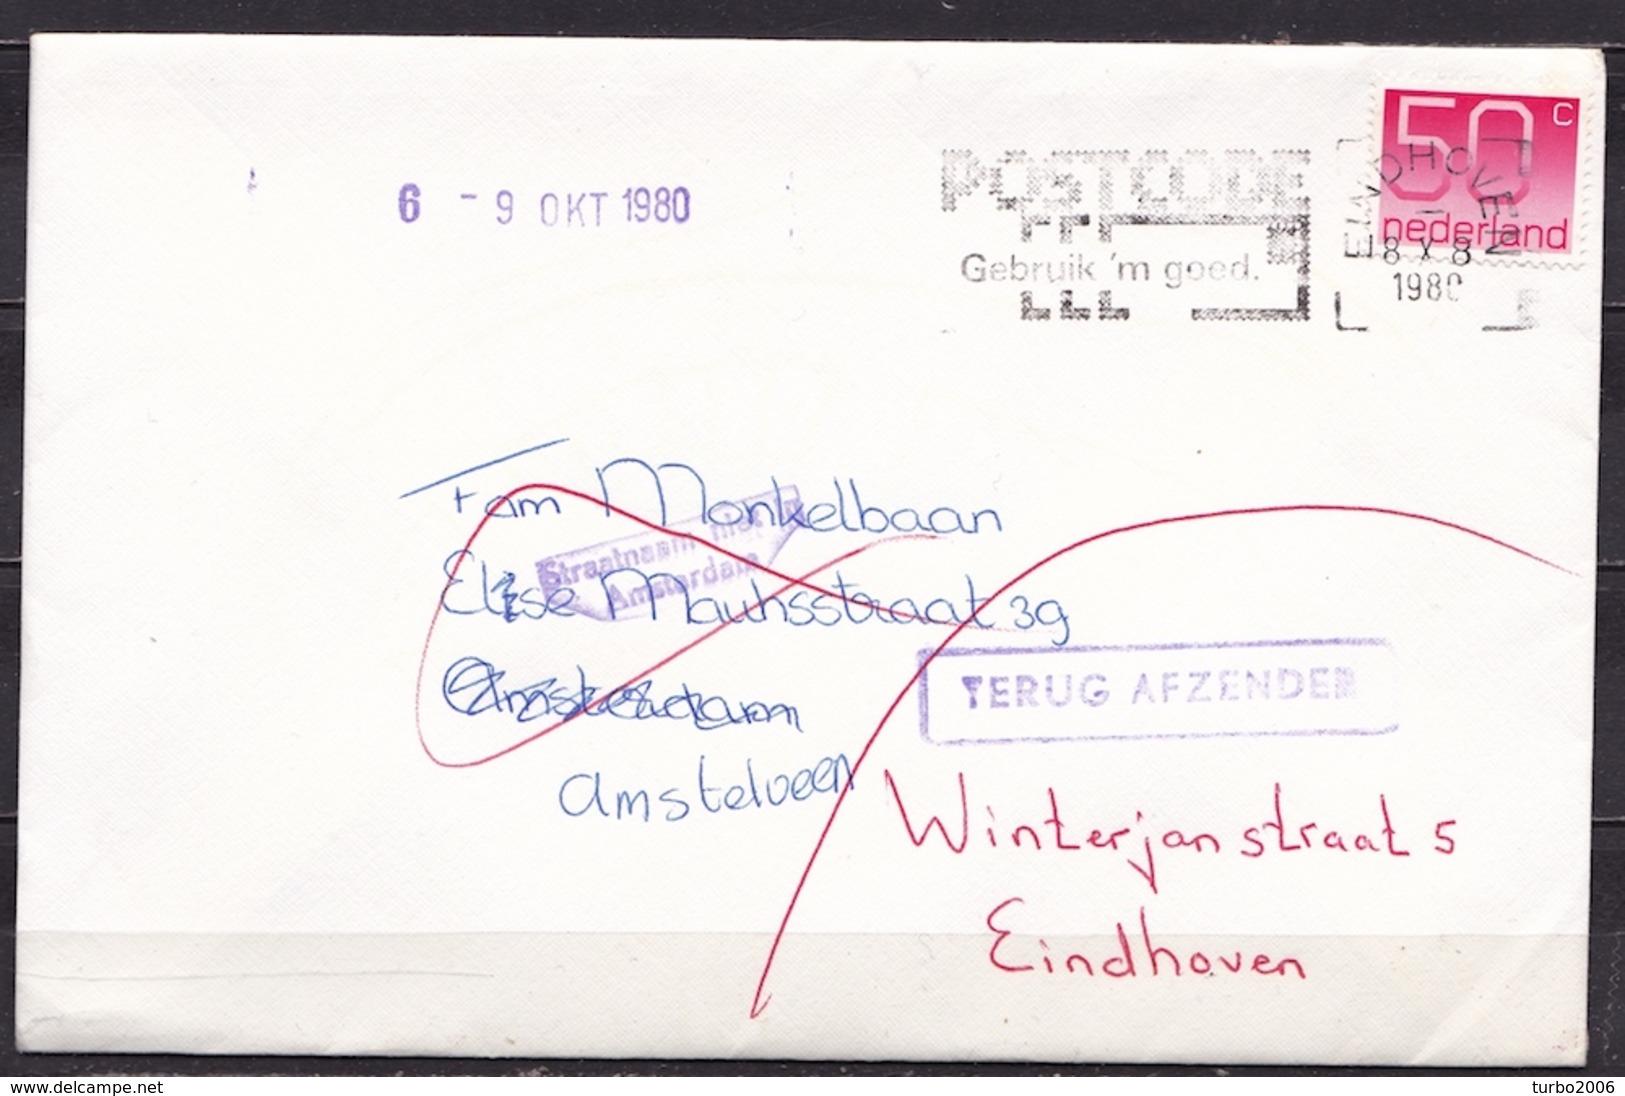 """1980 """"Straatnaam Niet In Amsterdam"""" En """"TERUG AFZENDER""""  Violette Stempels Op Envelop - Poststempels/ Marcofilie"""